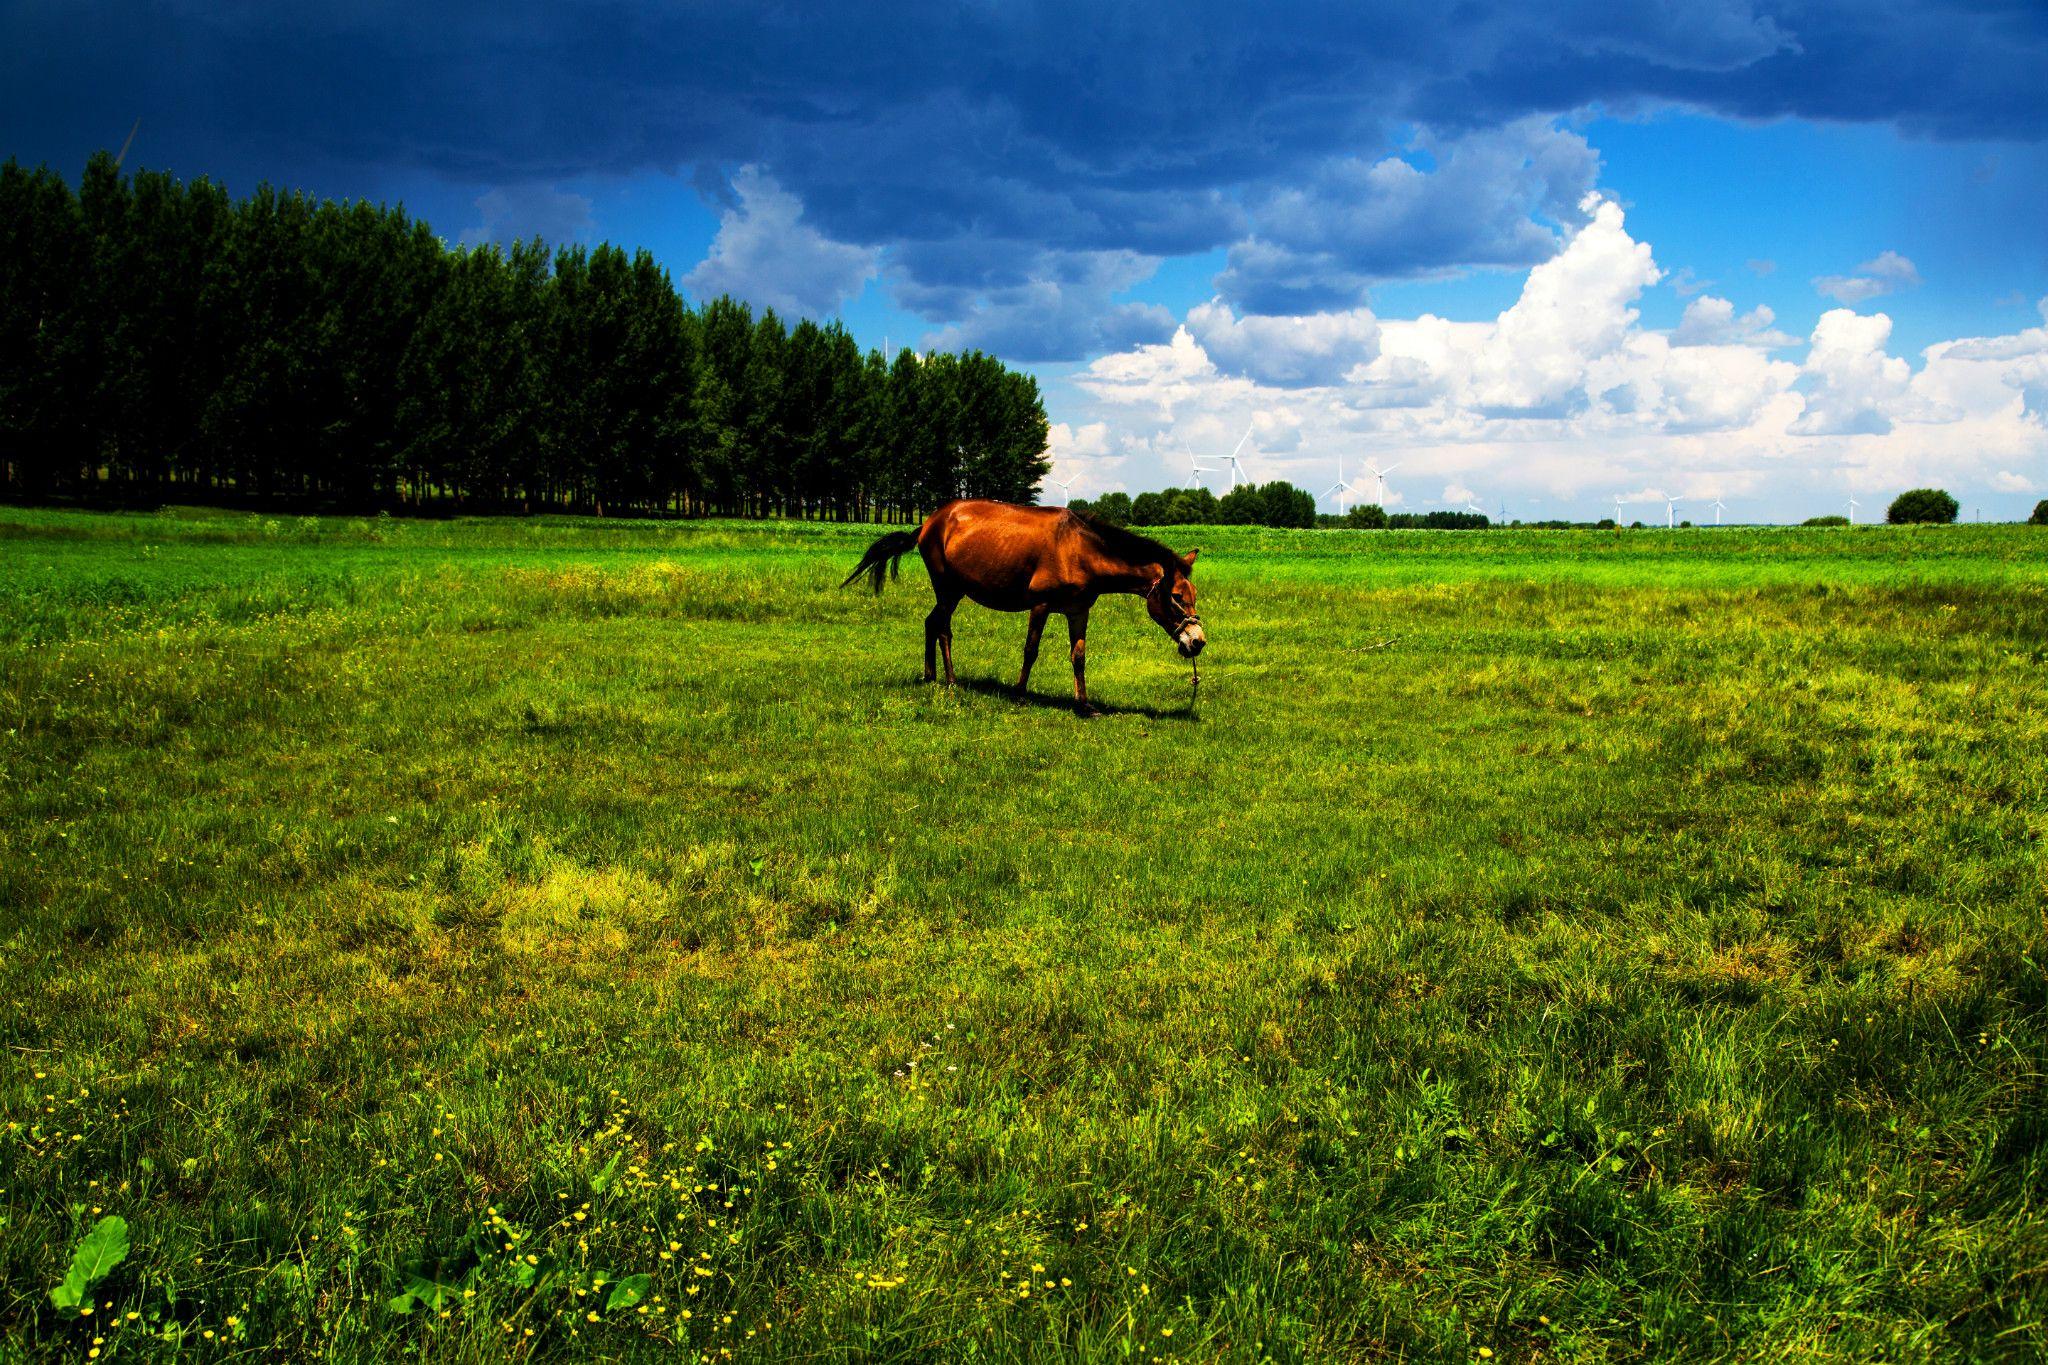 最美时节穿行草沿天路, 沽源观滦河神韵